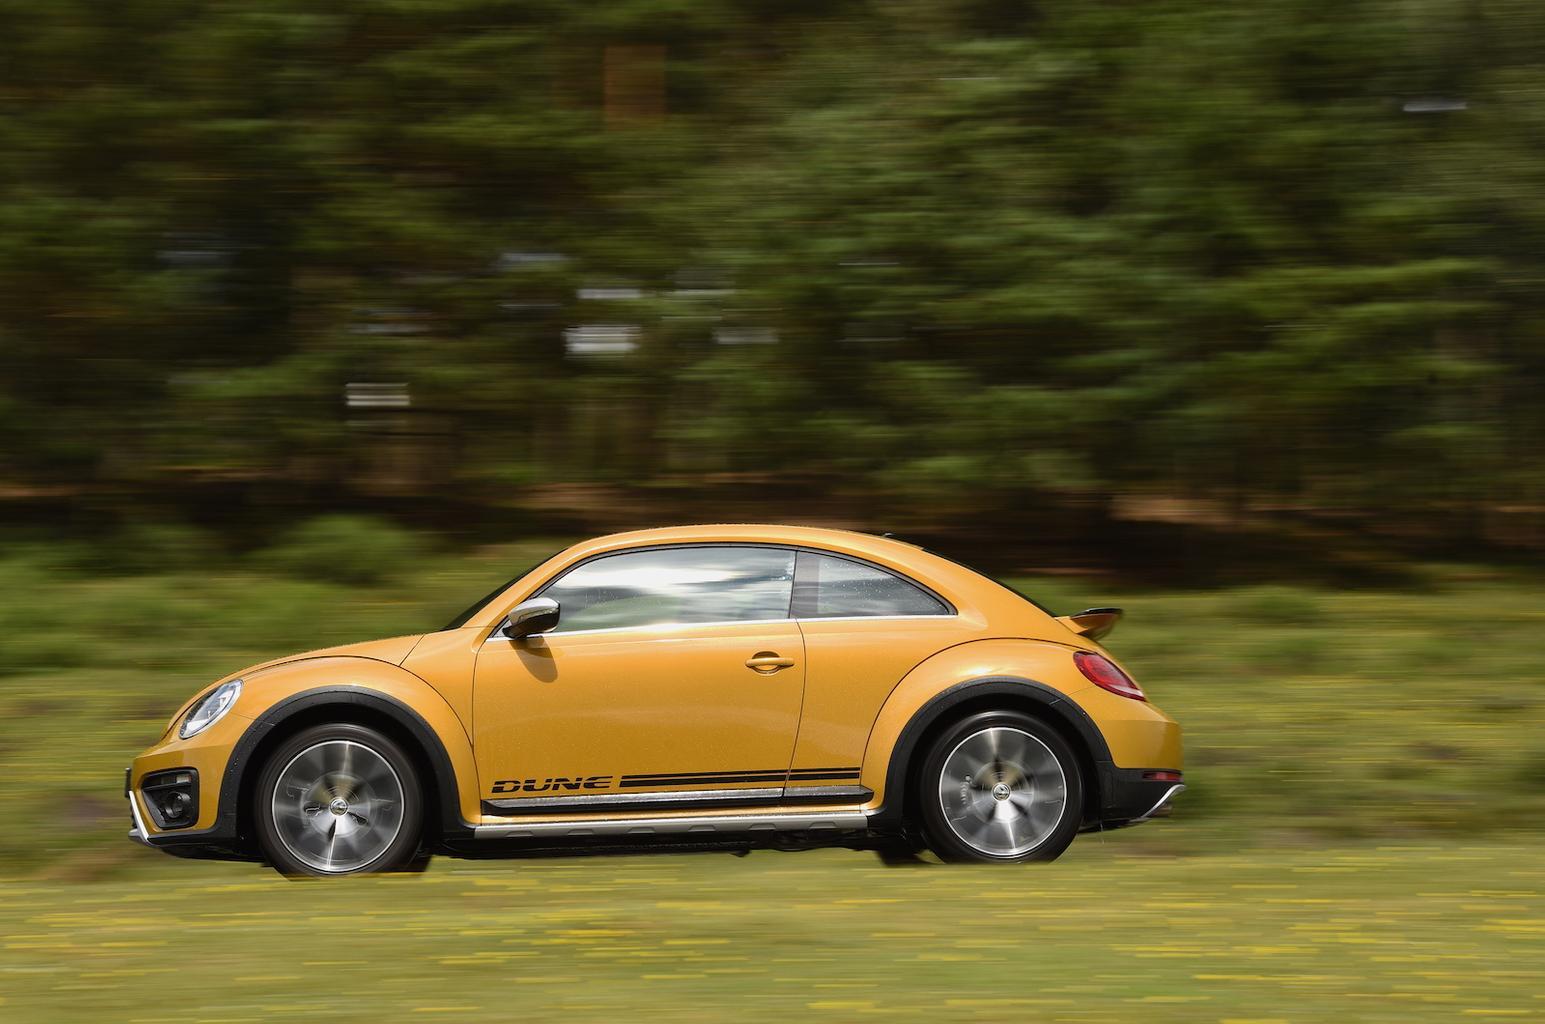 2016 Volkswagen Beetle 1.2 TSI 105 Dune review